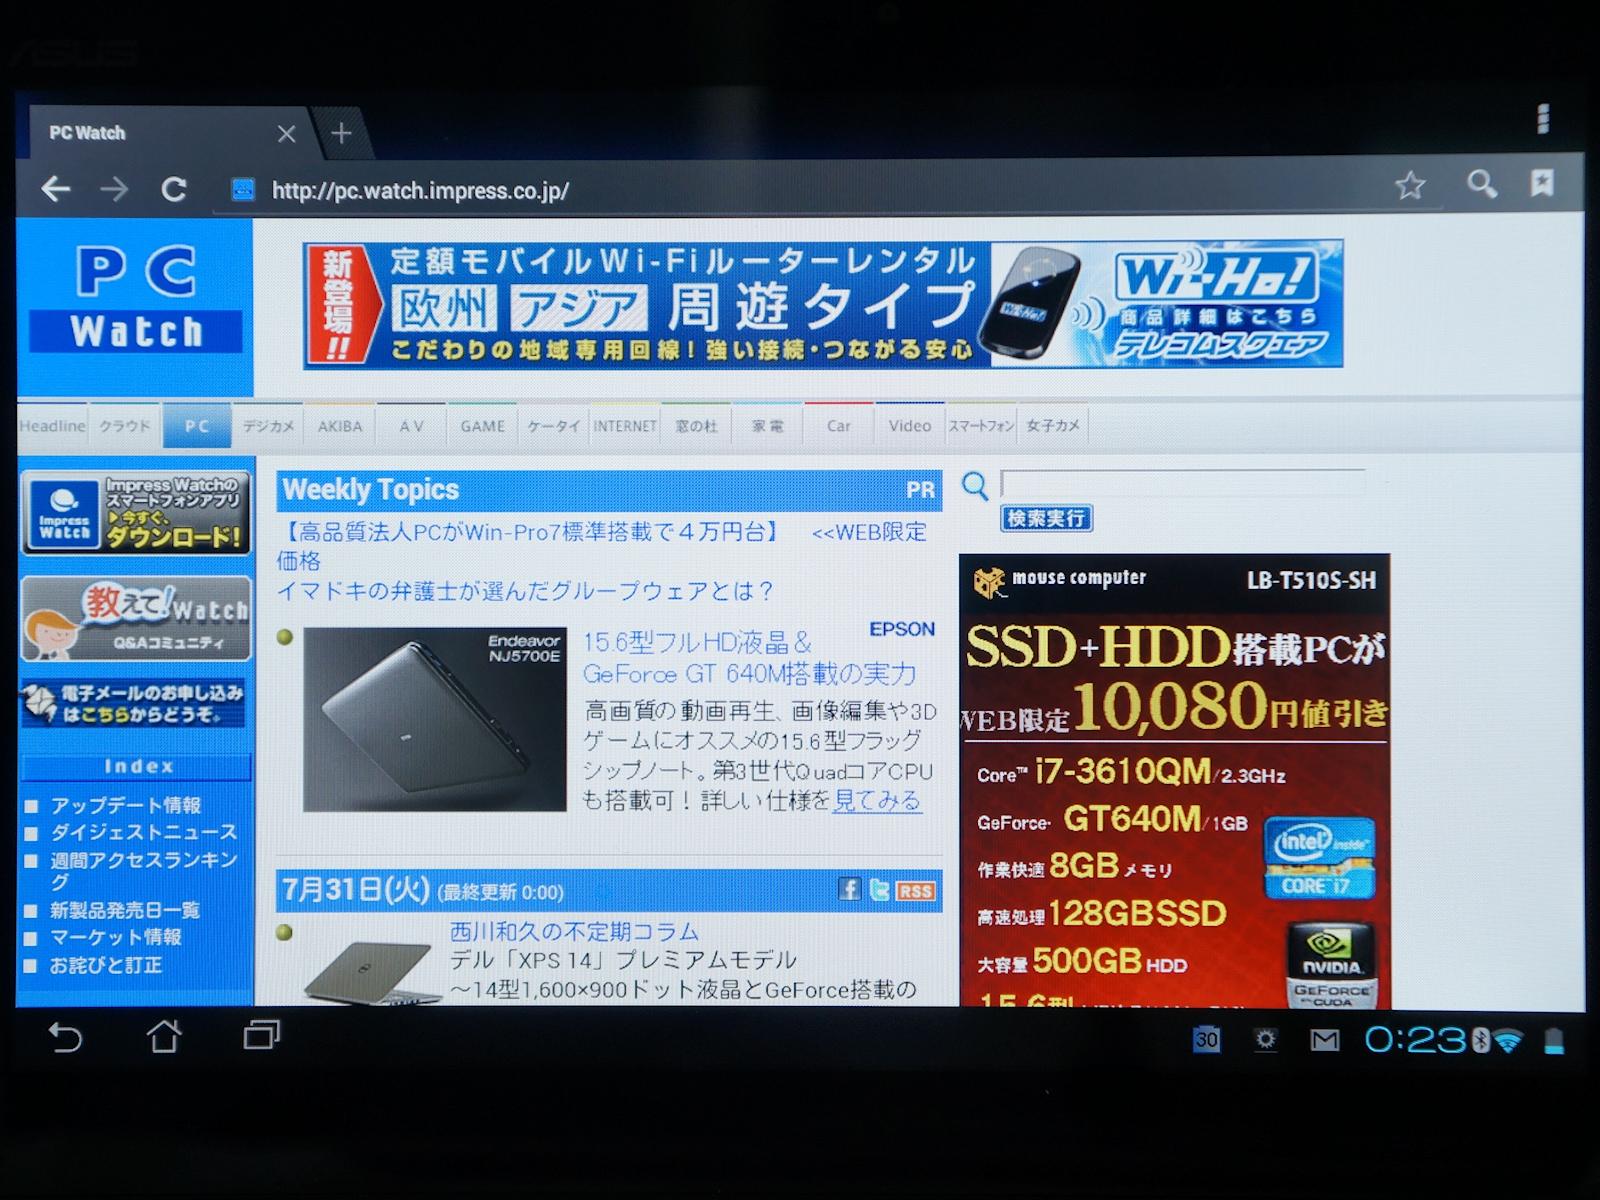 10.1型1,280×800ドットのTF101でPC Watchを表示した画面を撮影